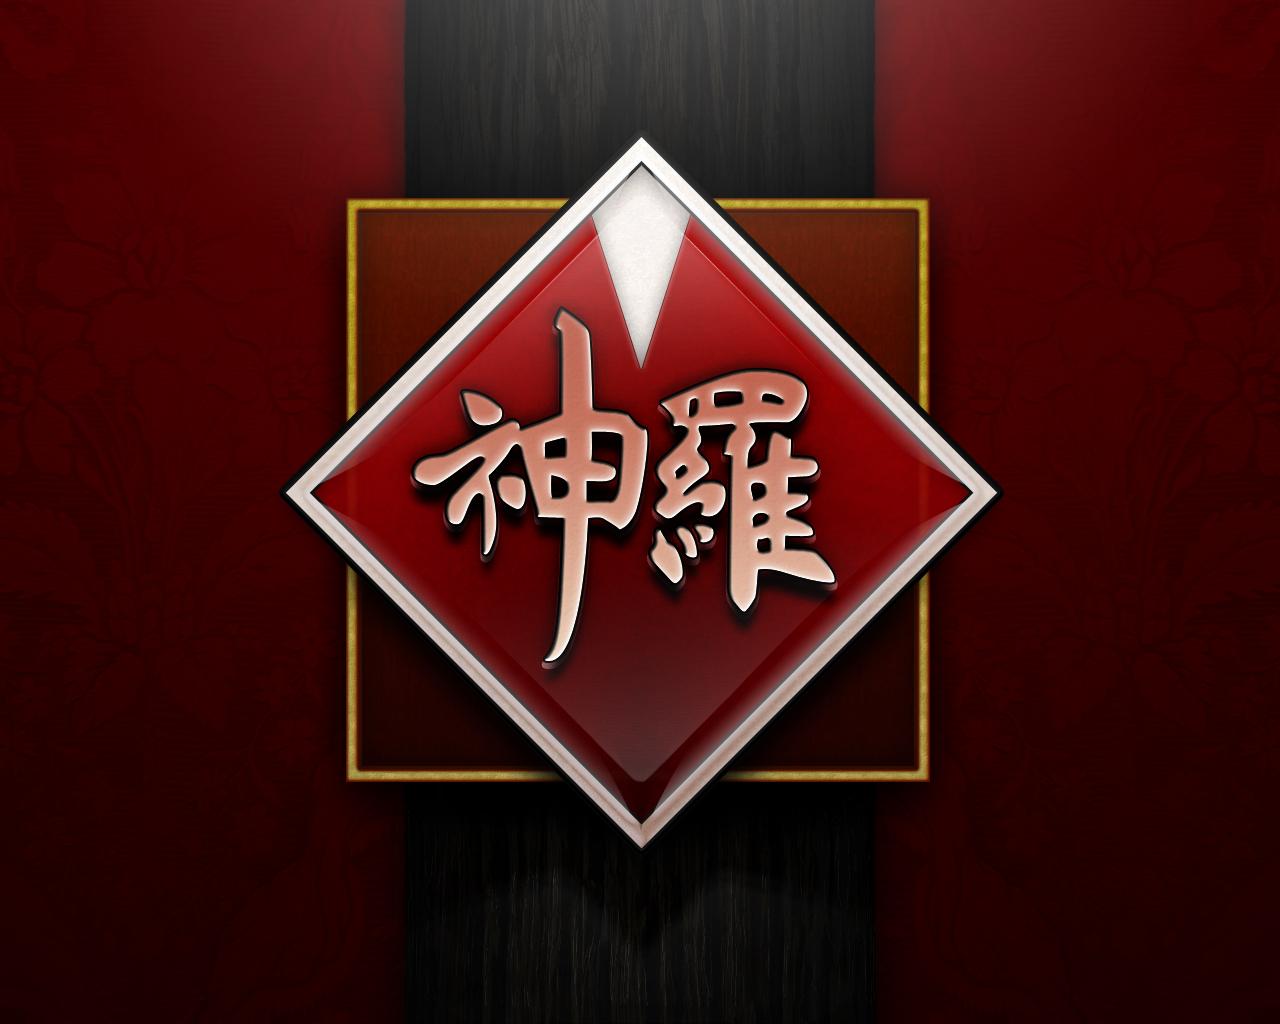 Shinra Final Fantasy 7 Logo photo - 1